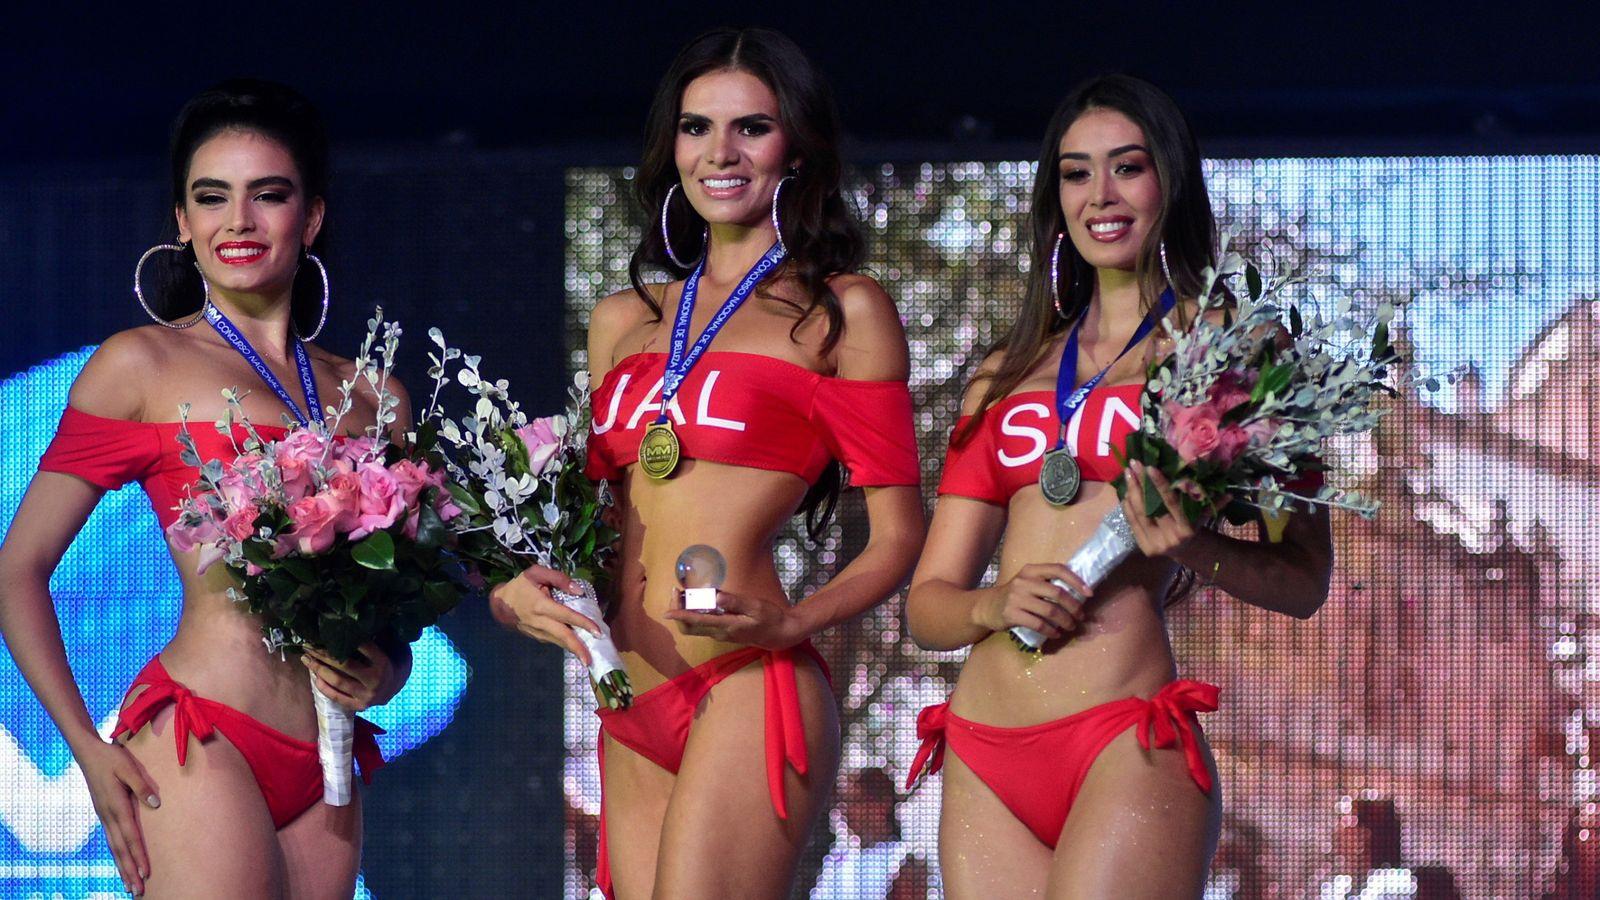 Gần nửa thí sinh của cuộc thi Hoa hậu Mexico 2021 mắc Covid-19 - 1